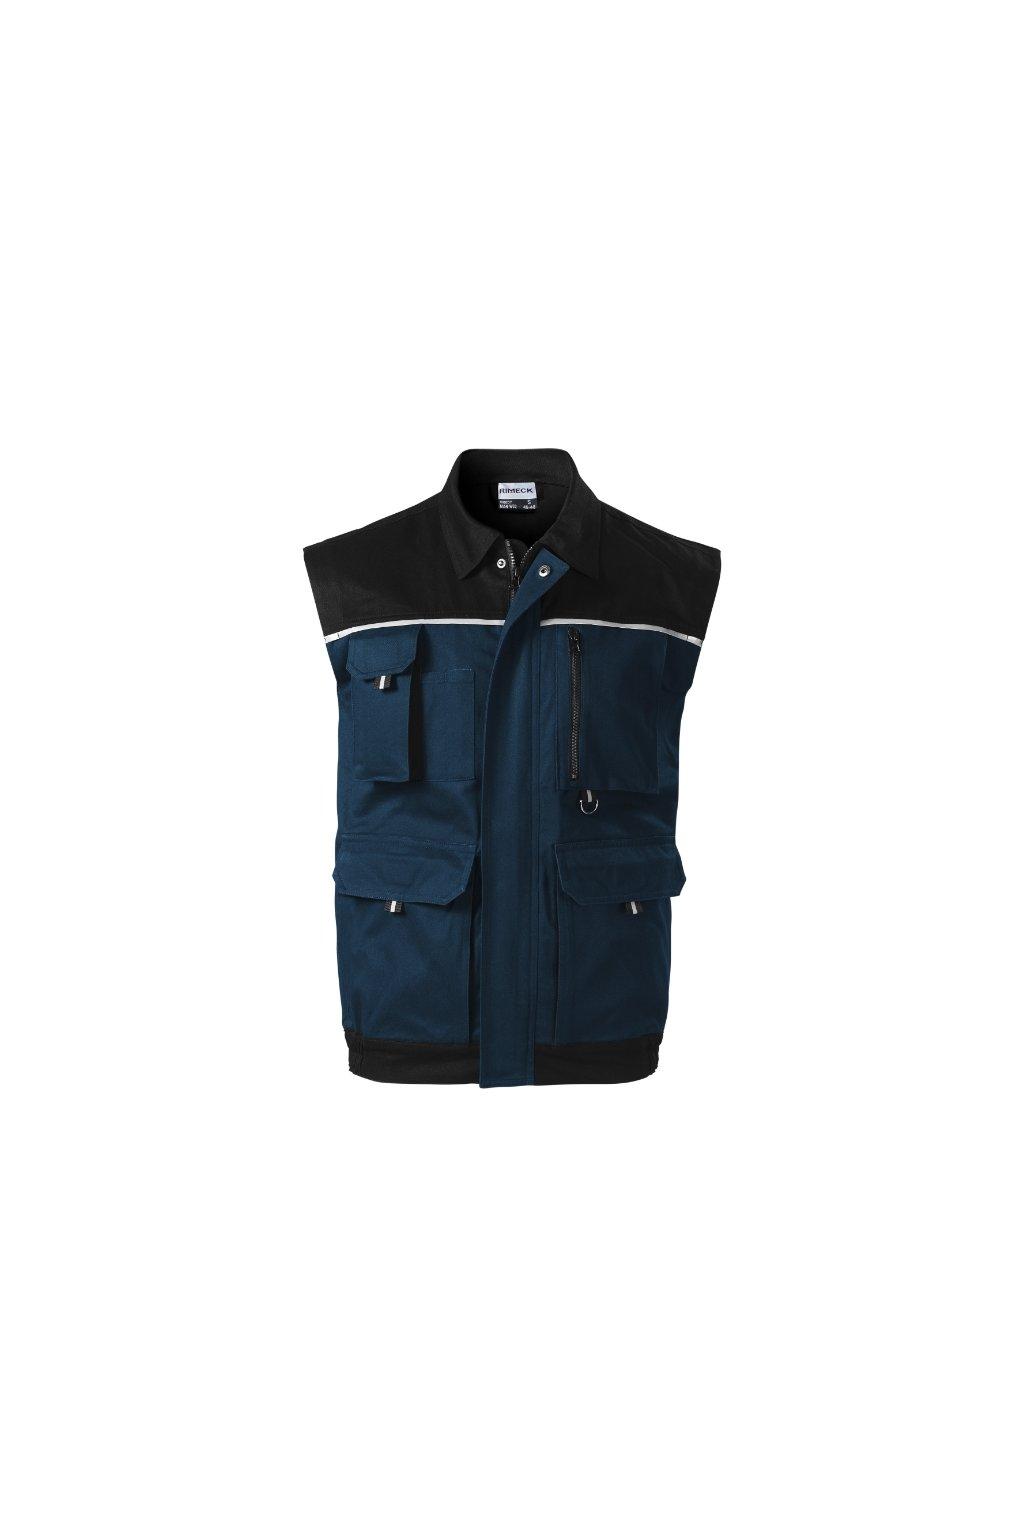 Woody WX8 Pracovní vesta pánská